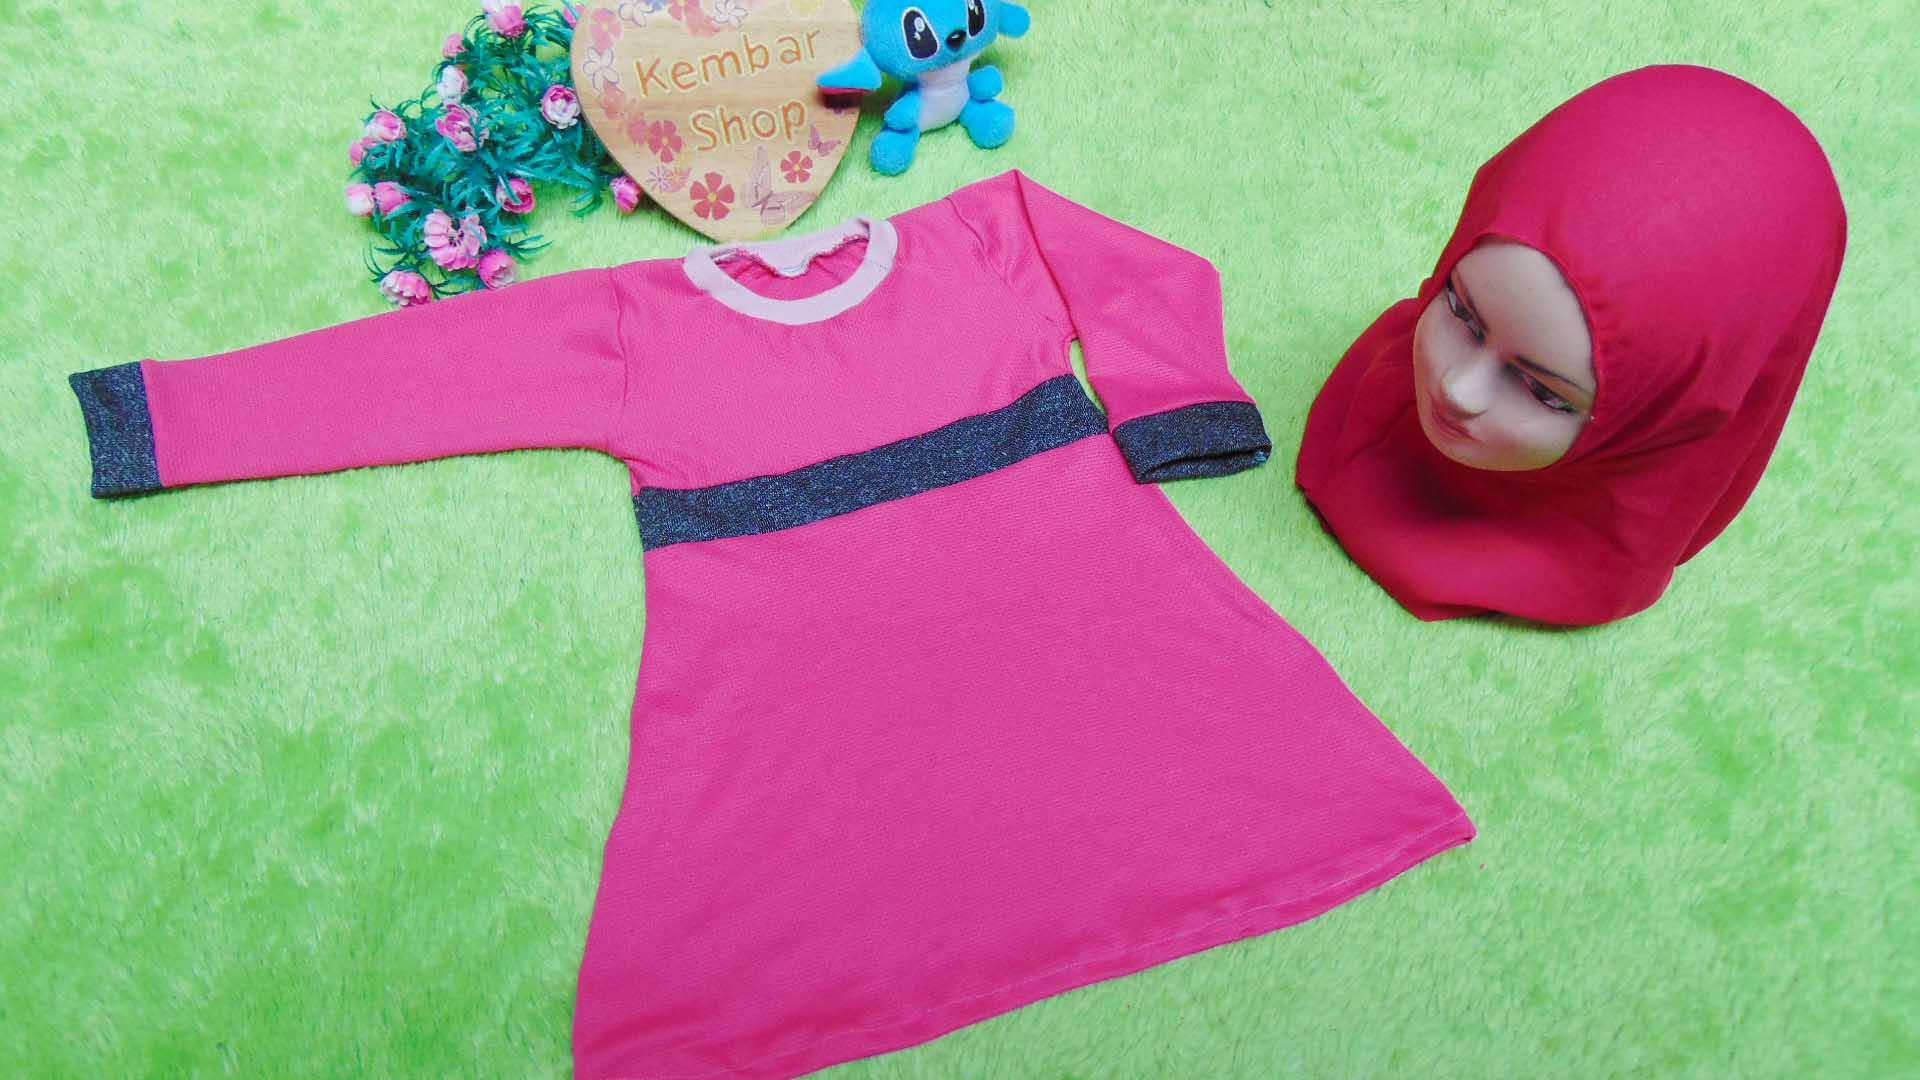 PALING MURAH Baju Muslim Gamis Aisyah Anak Bayi Perempuan 6-18bulan Plus Hijab khimar2 44 Lebar Dada 28cm, Panjang 46cm